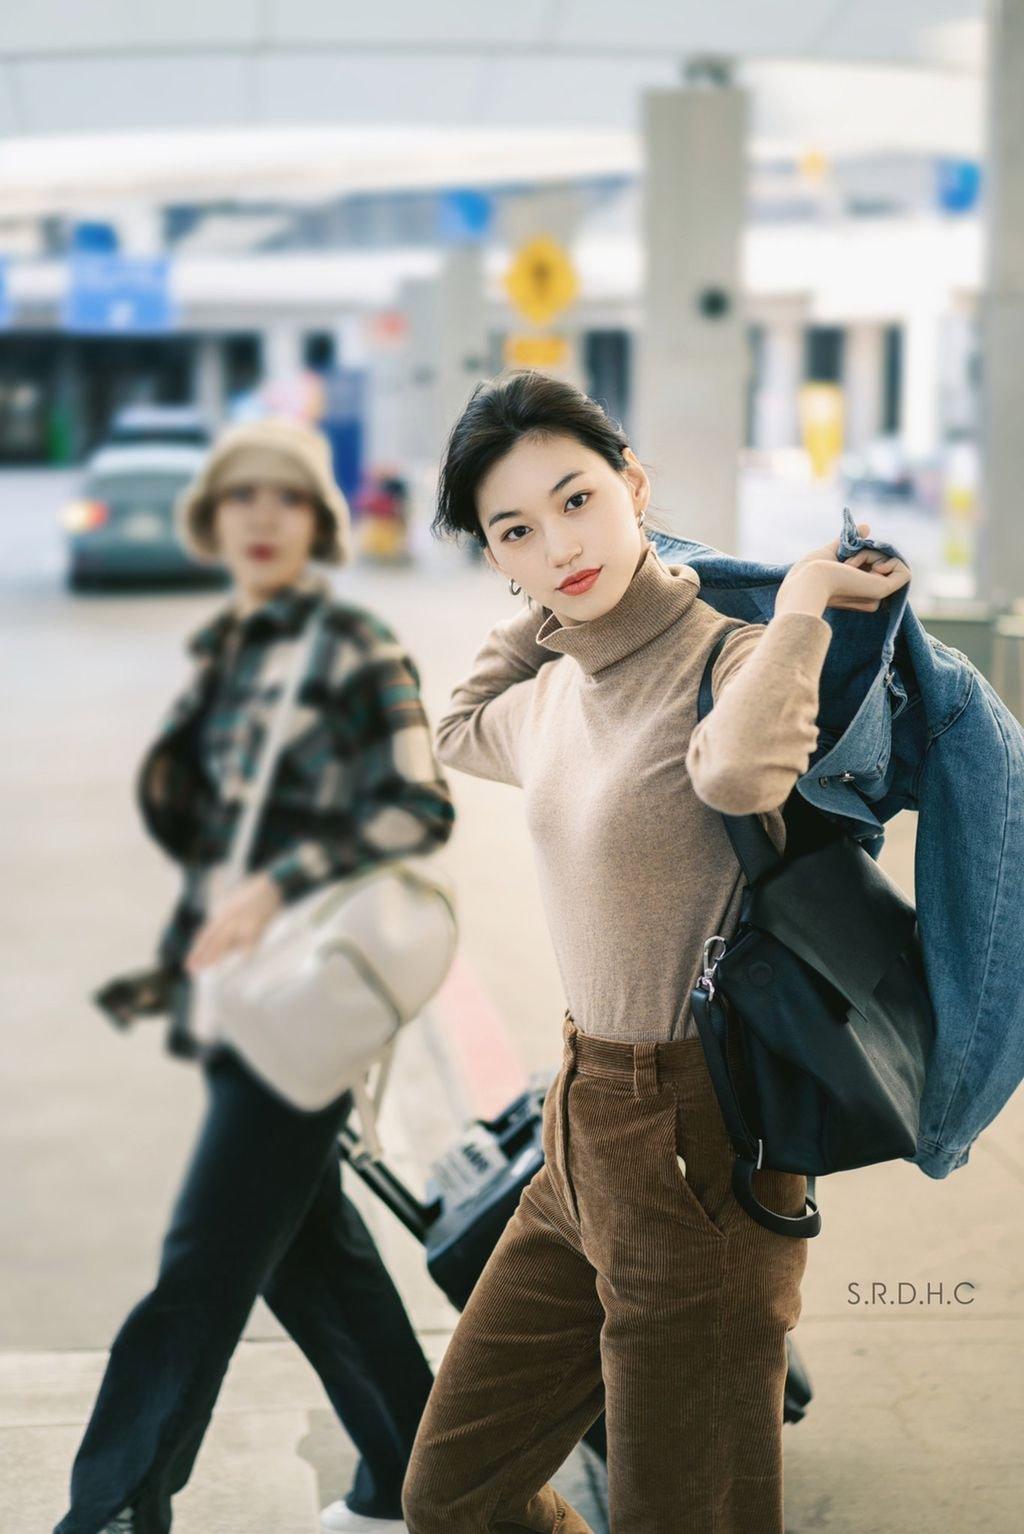 Weki Meki的金度延因其模特般的时尚风格受到好评